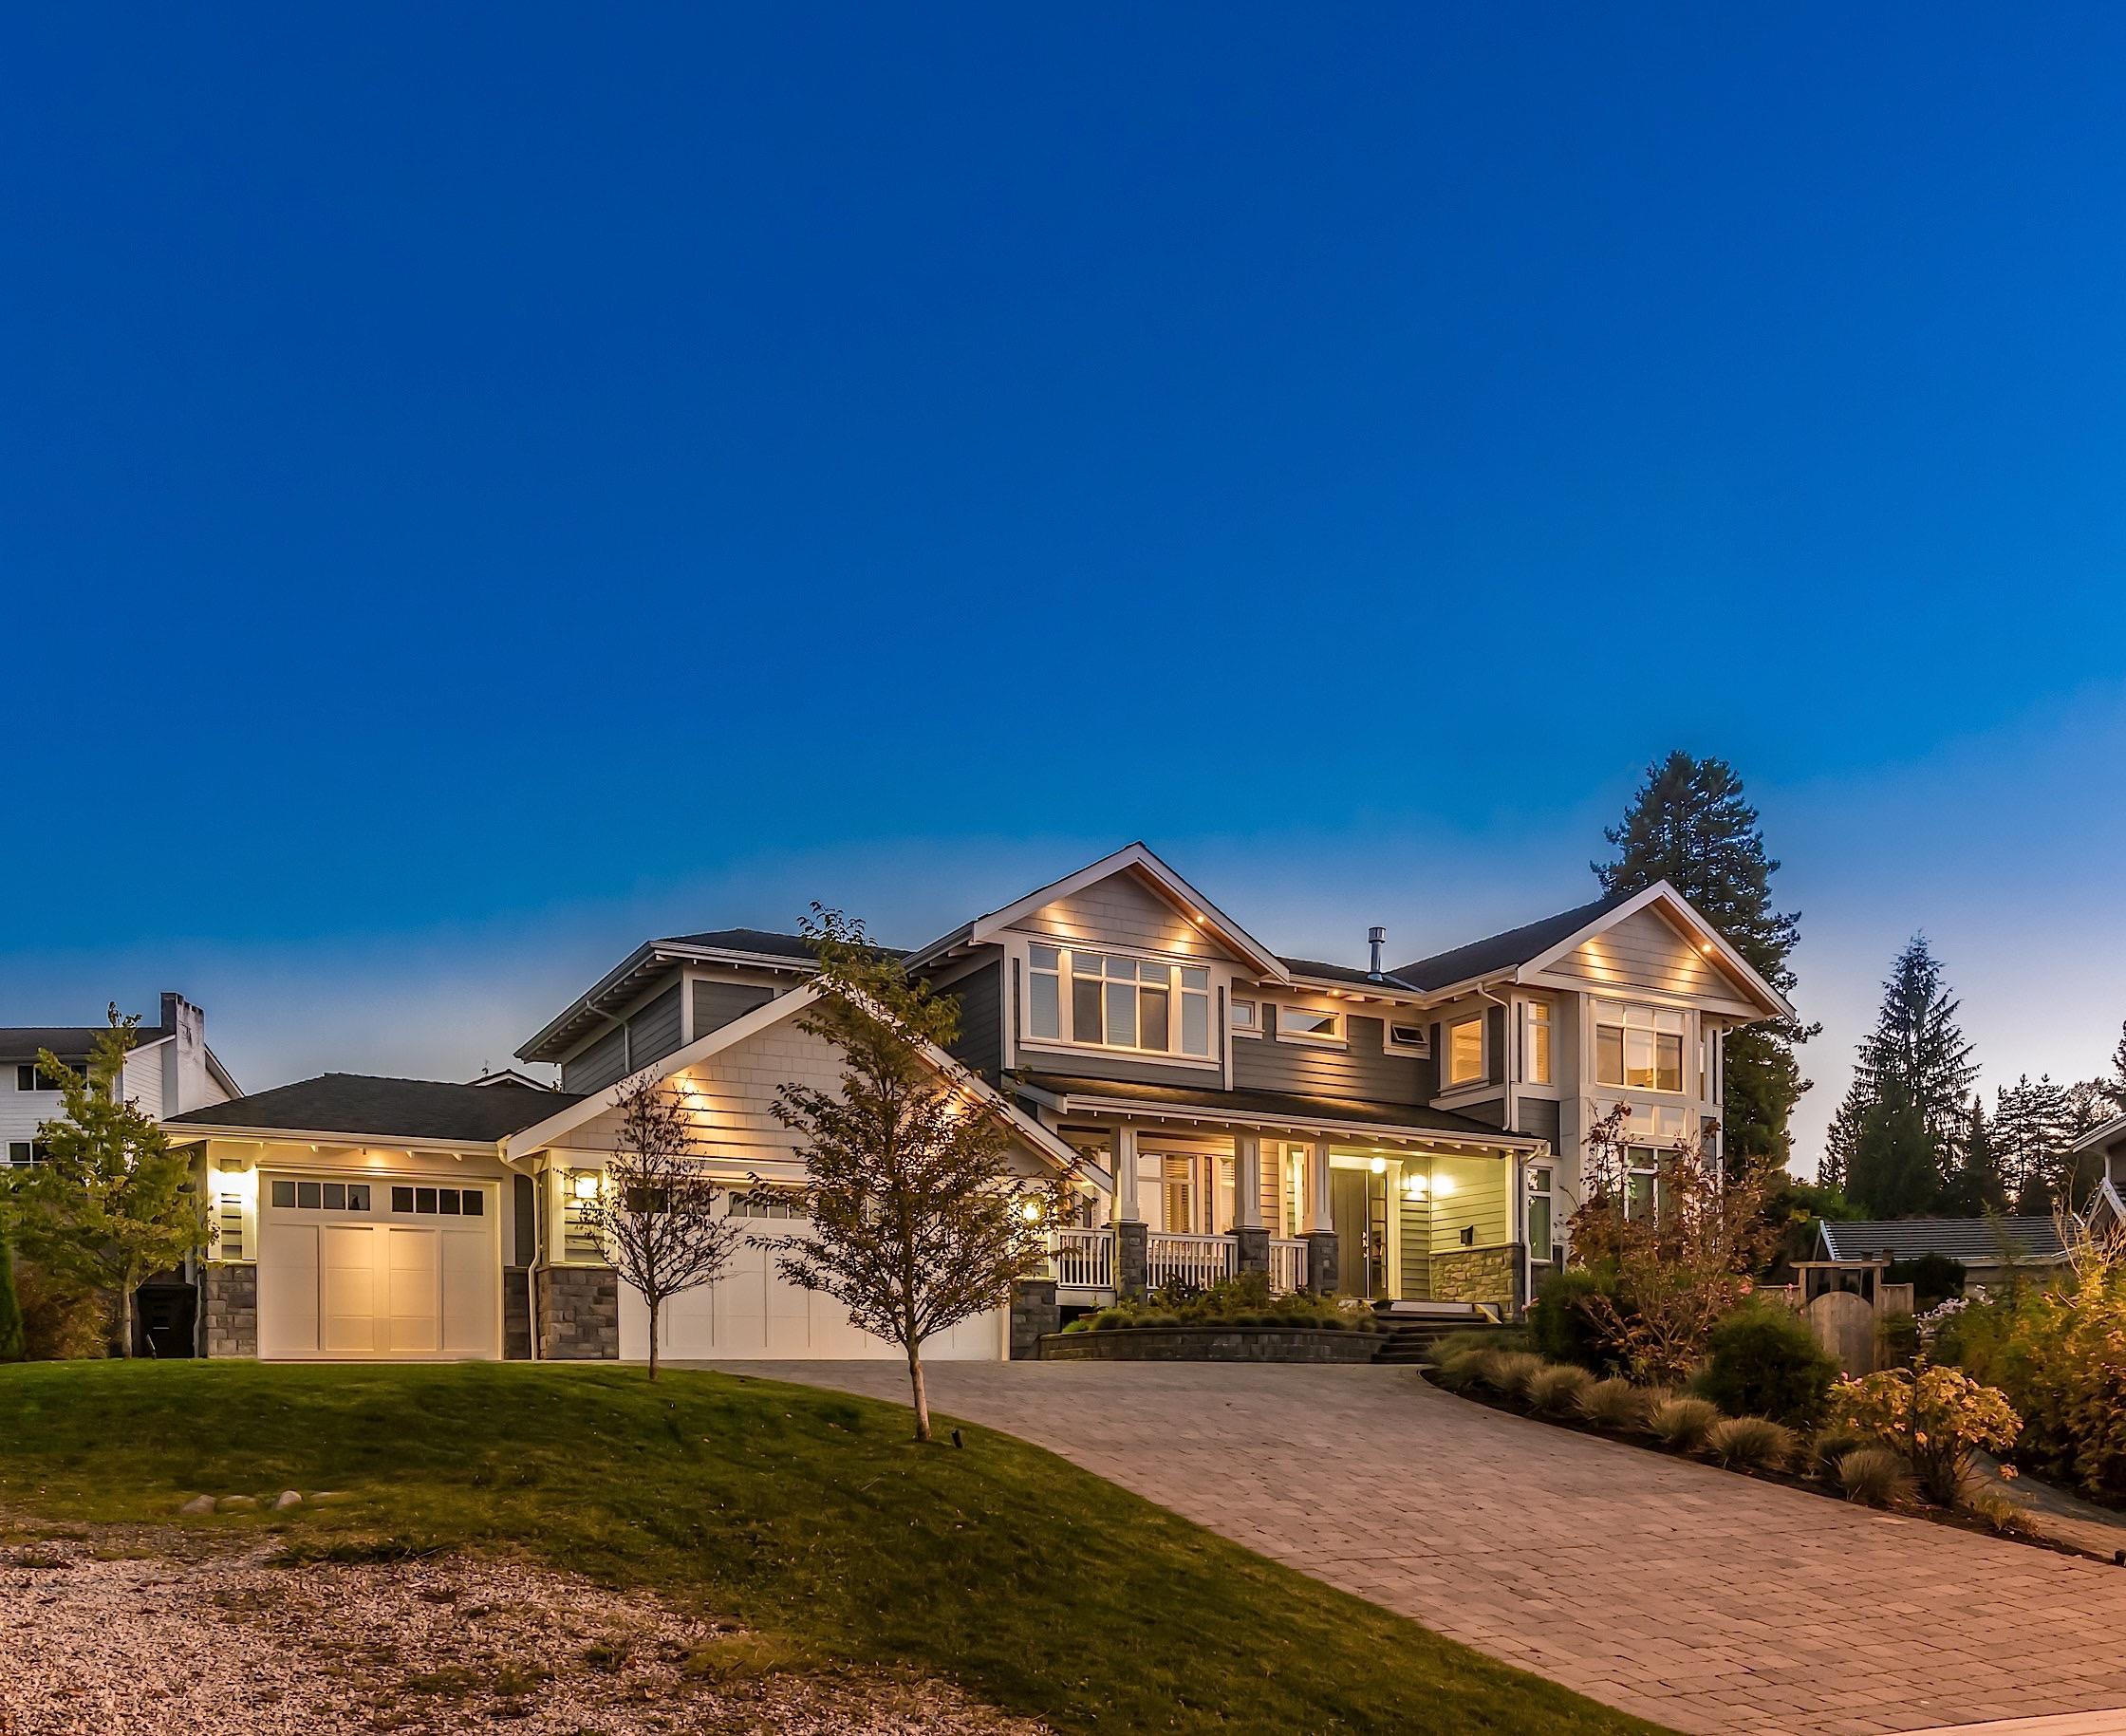 Luxurious house at dusk.